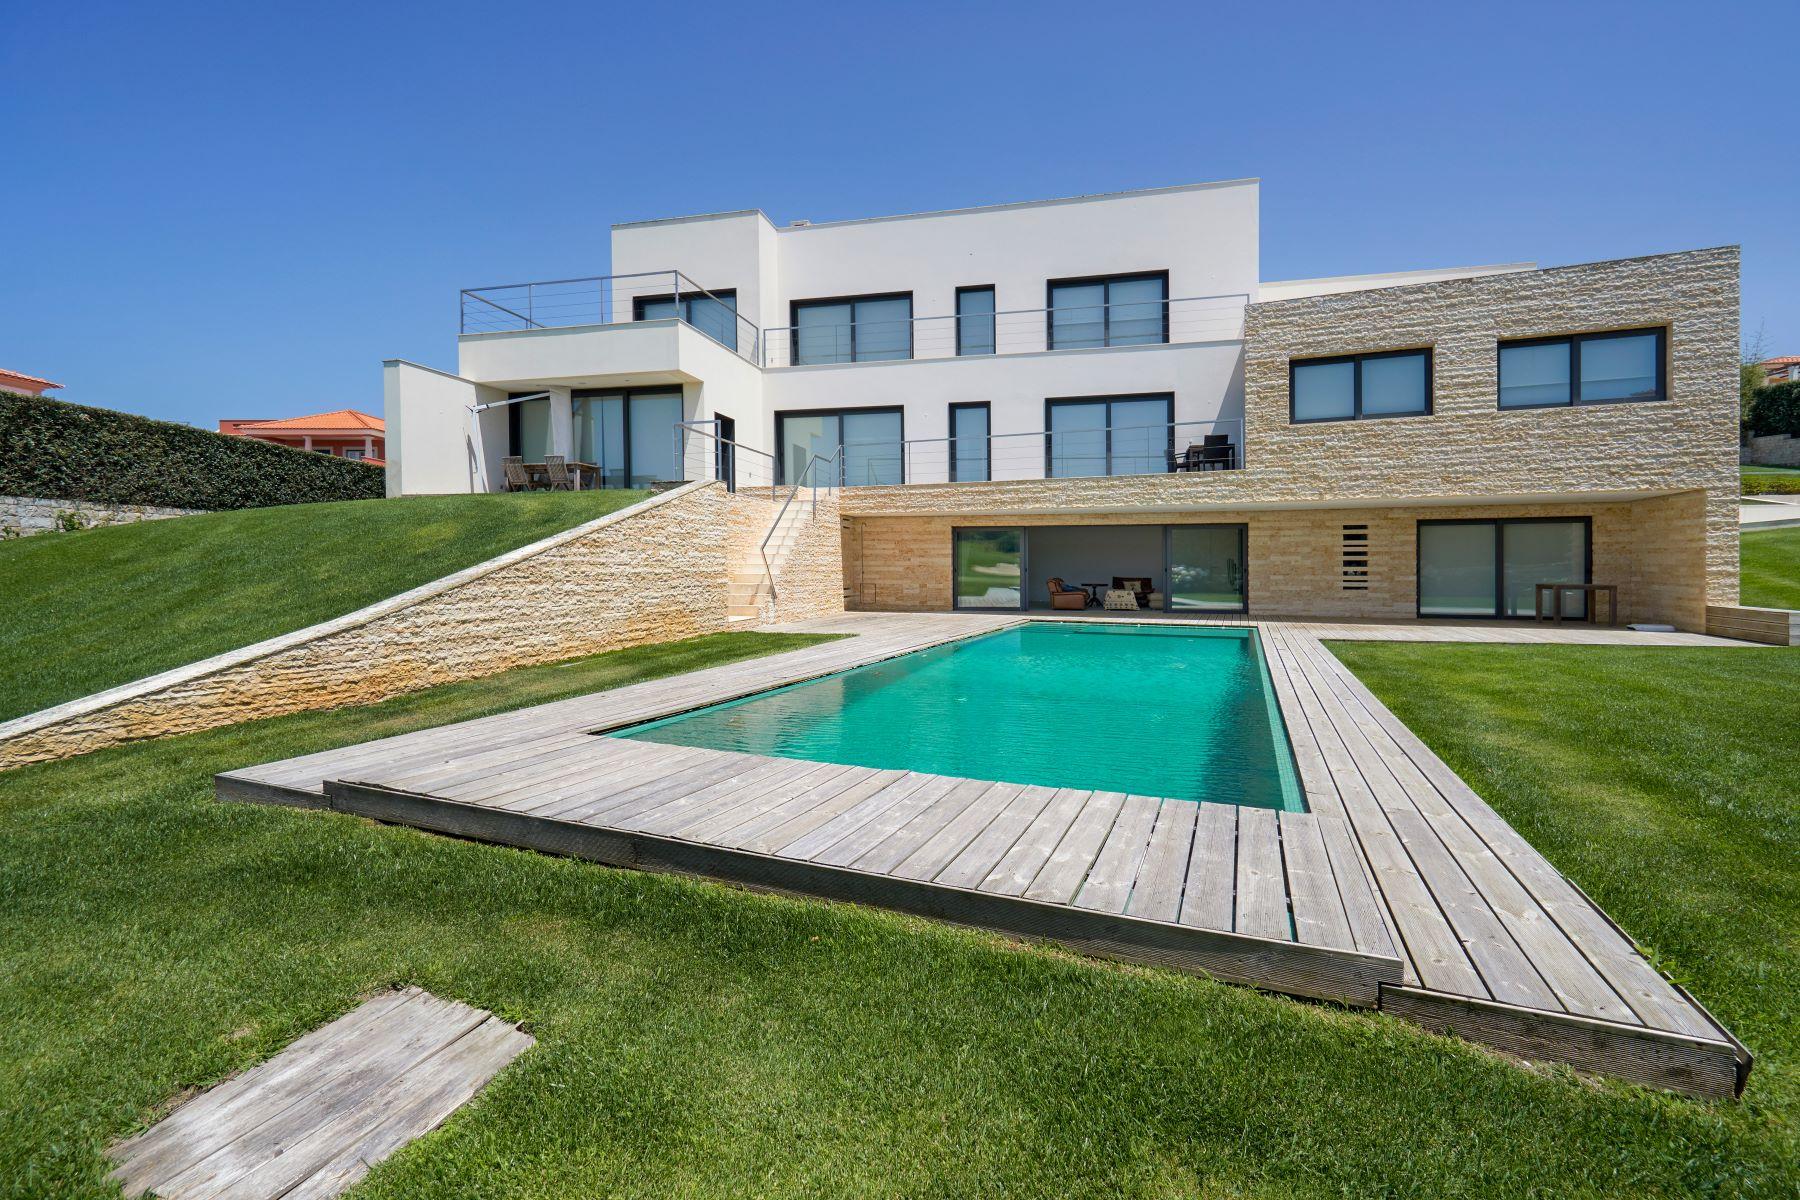 Casa para uma família para Venda às House, 5 bedrooms, for Sale Other Portugal, Outras Áreas Em Portugal, Portugal